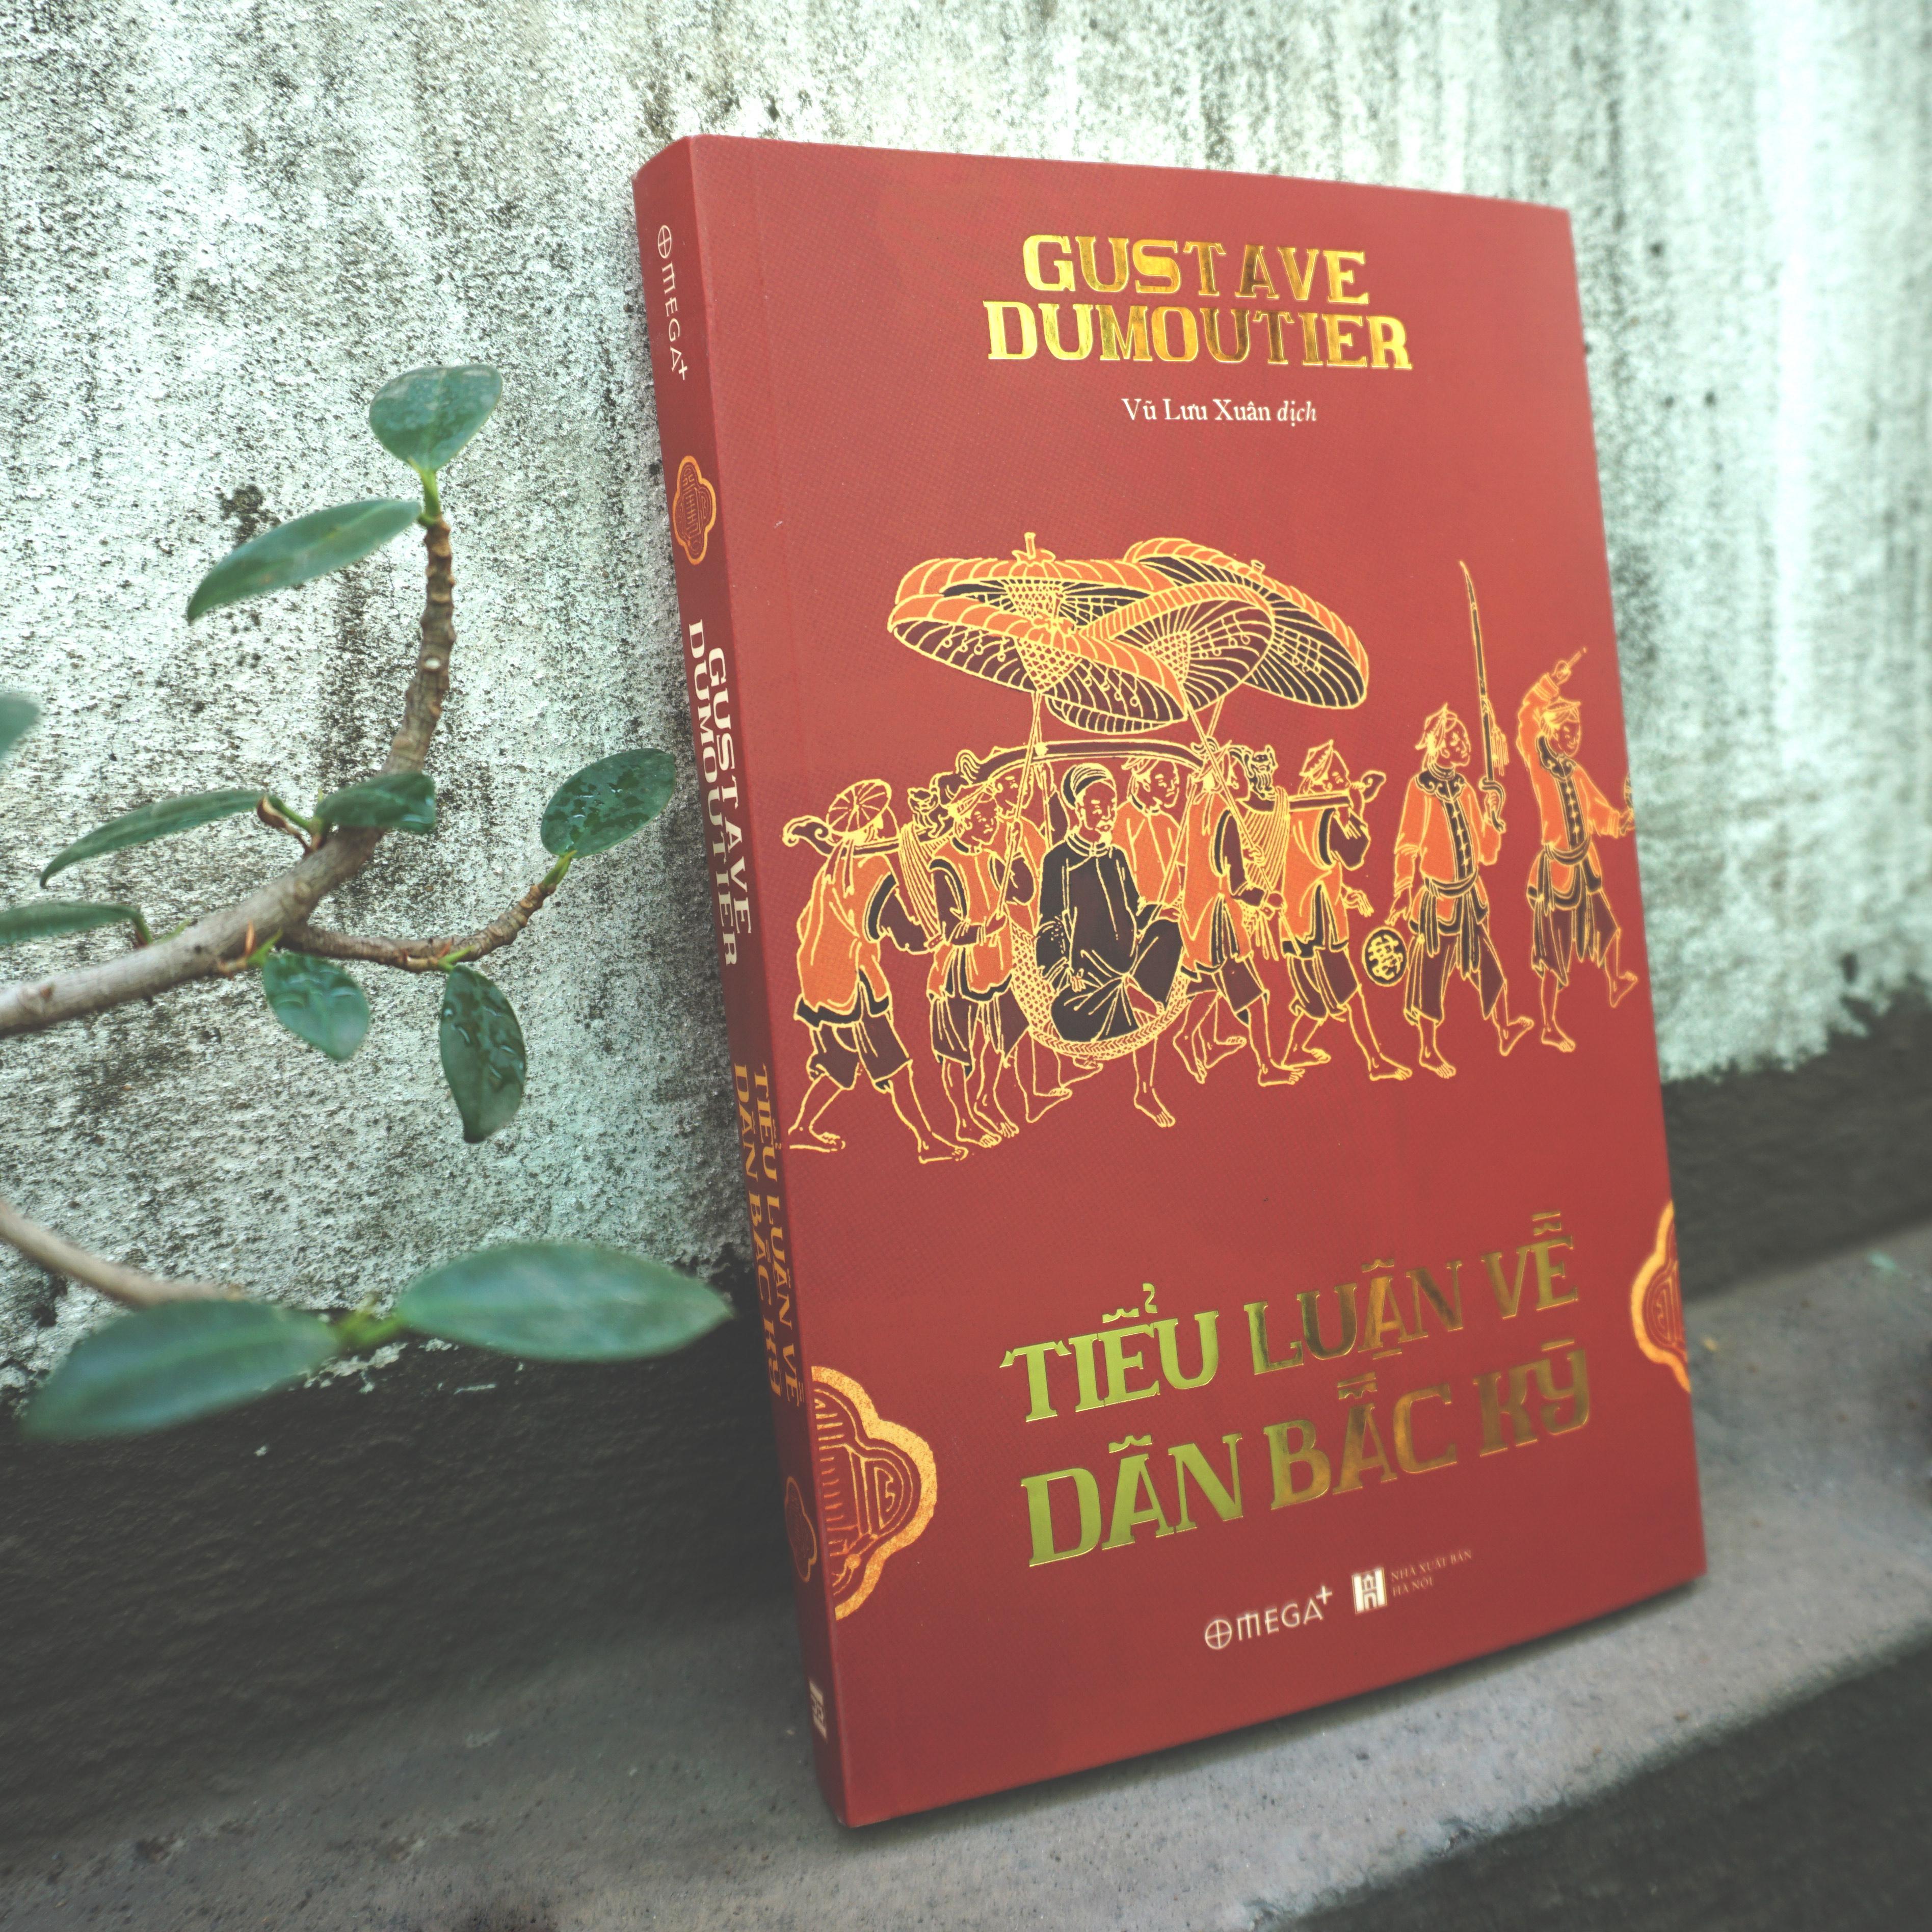 Bản dịch Tiểu luận về dân Bắc Kỳ của Vũ Lưu Xuân vừa được NXB Hà Nội và Omega Plus ấn hành.